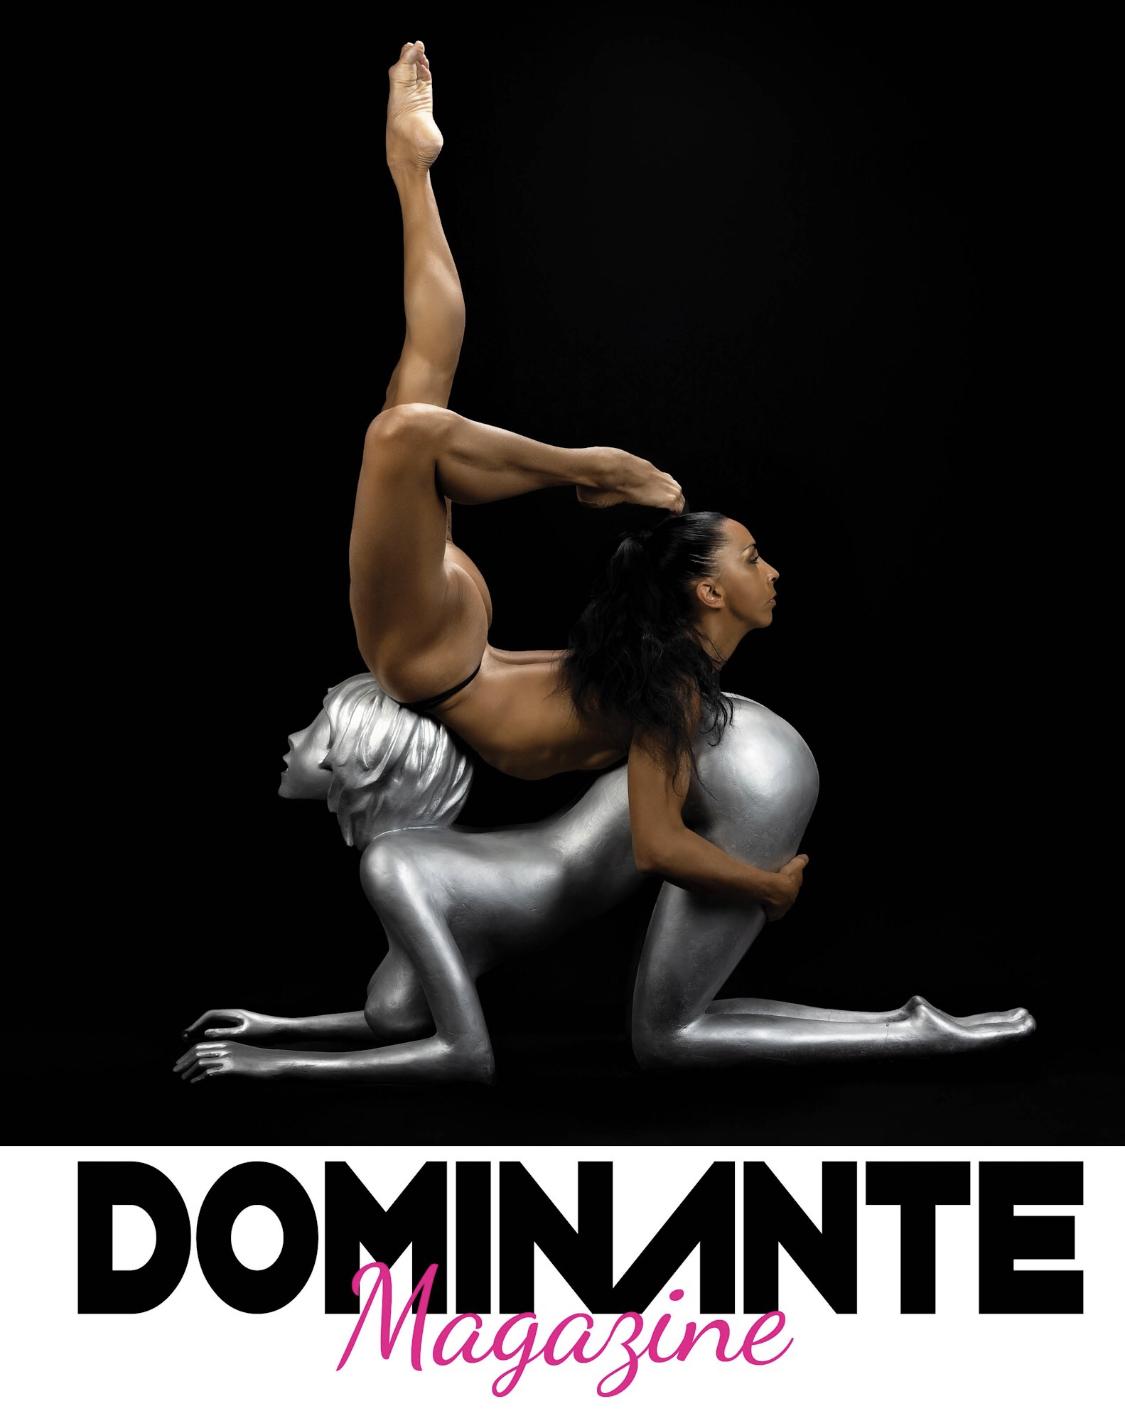 Dominante Magazine Dec 2020 - Photo by @ranibruchstein